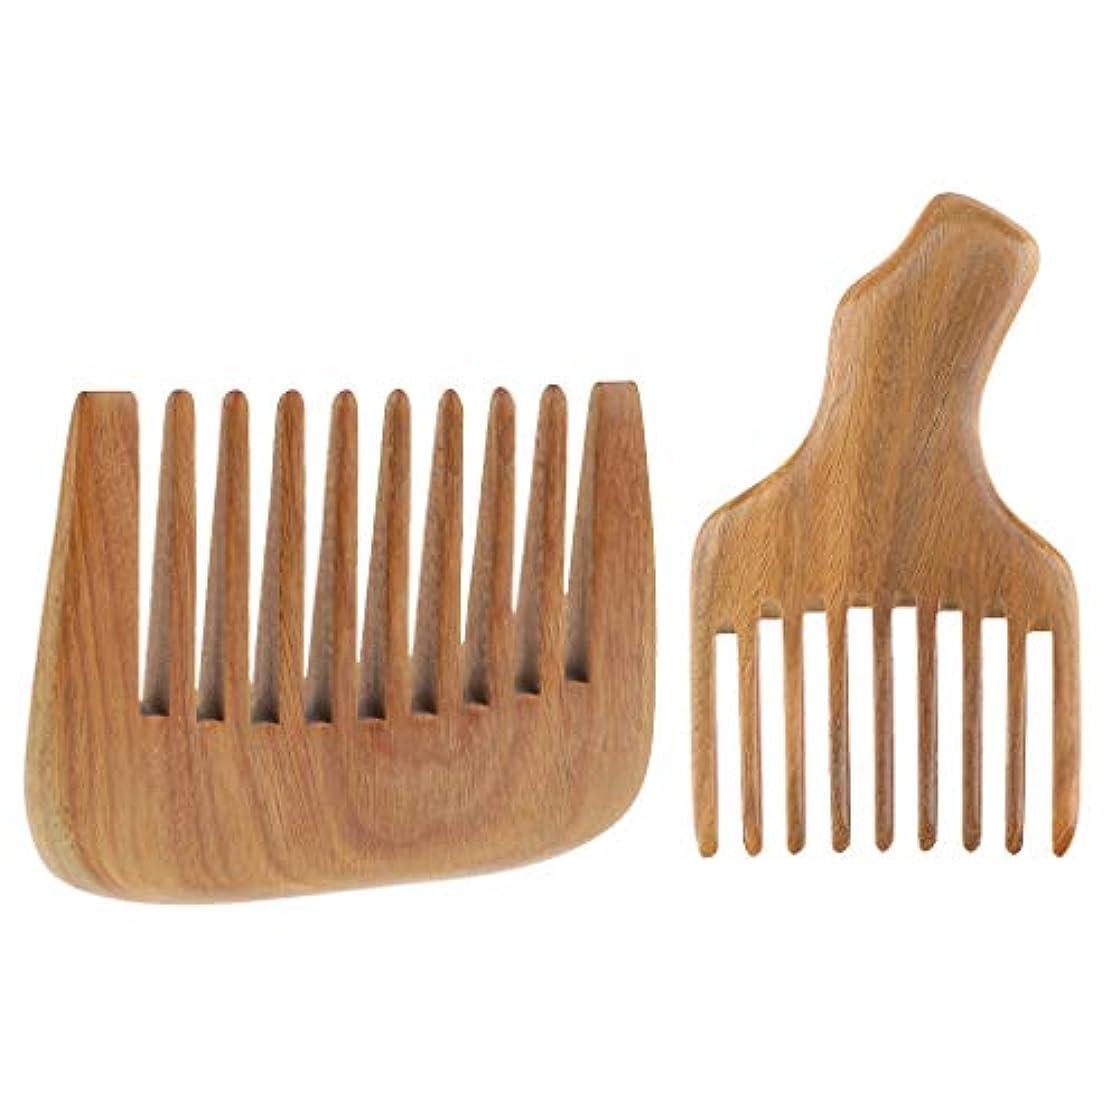 F Fityle 2個 木製櫛 ウッドコーム ナチュラル ウッド ワイド歯 ヘアブラシ